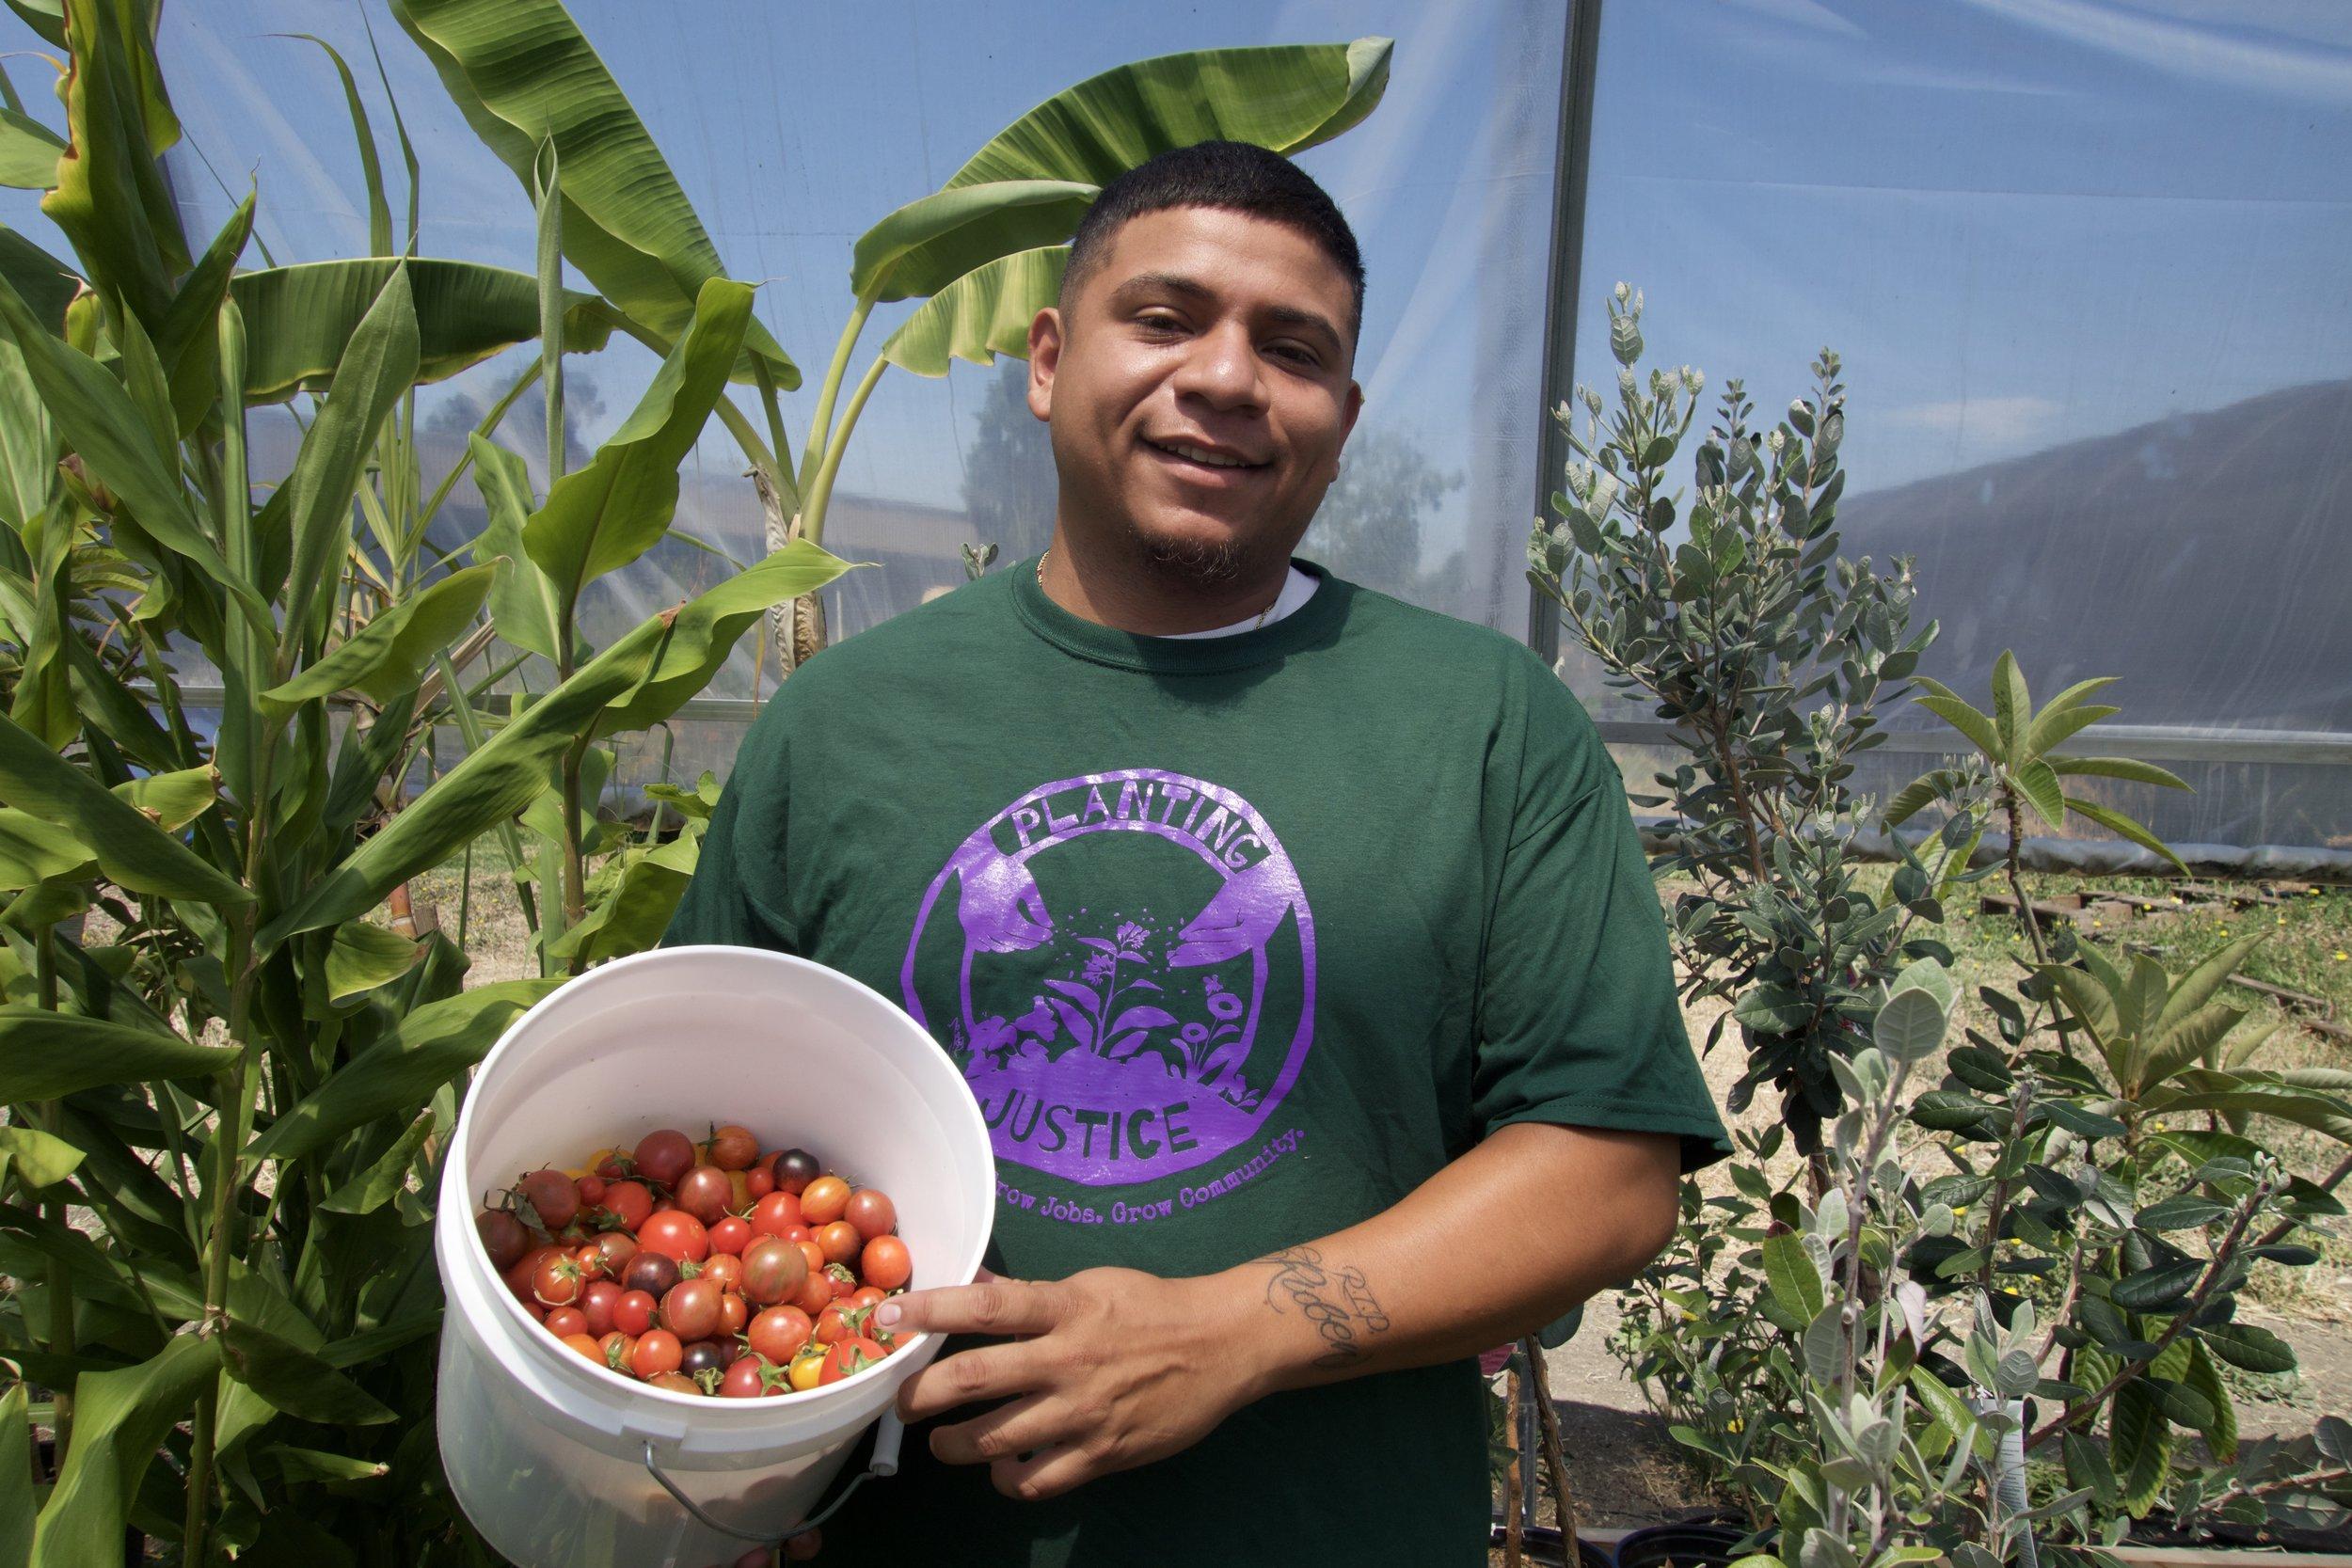 Planting Justice Nursery Team, Luis Jr.